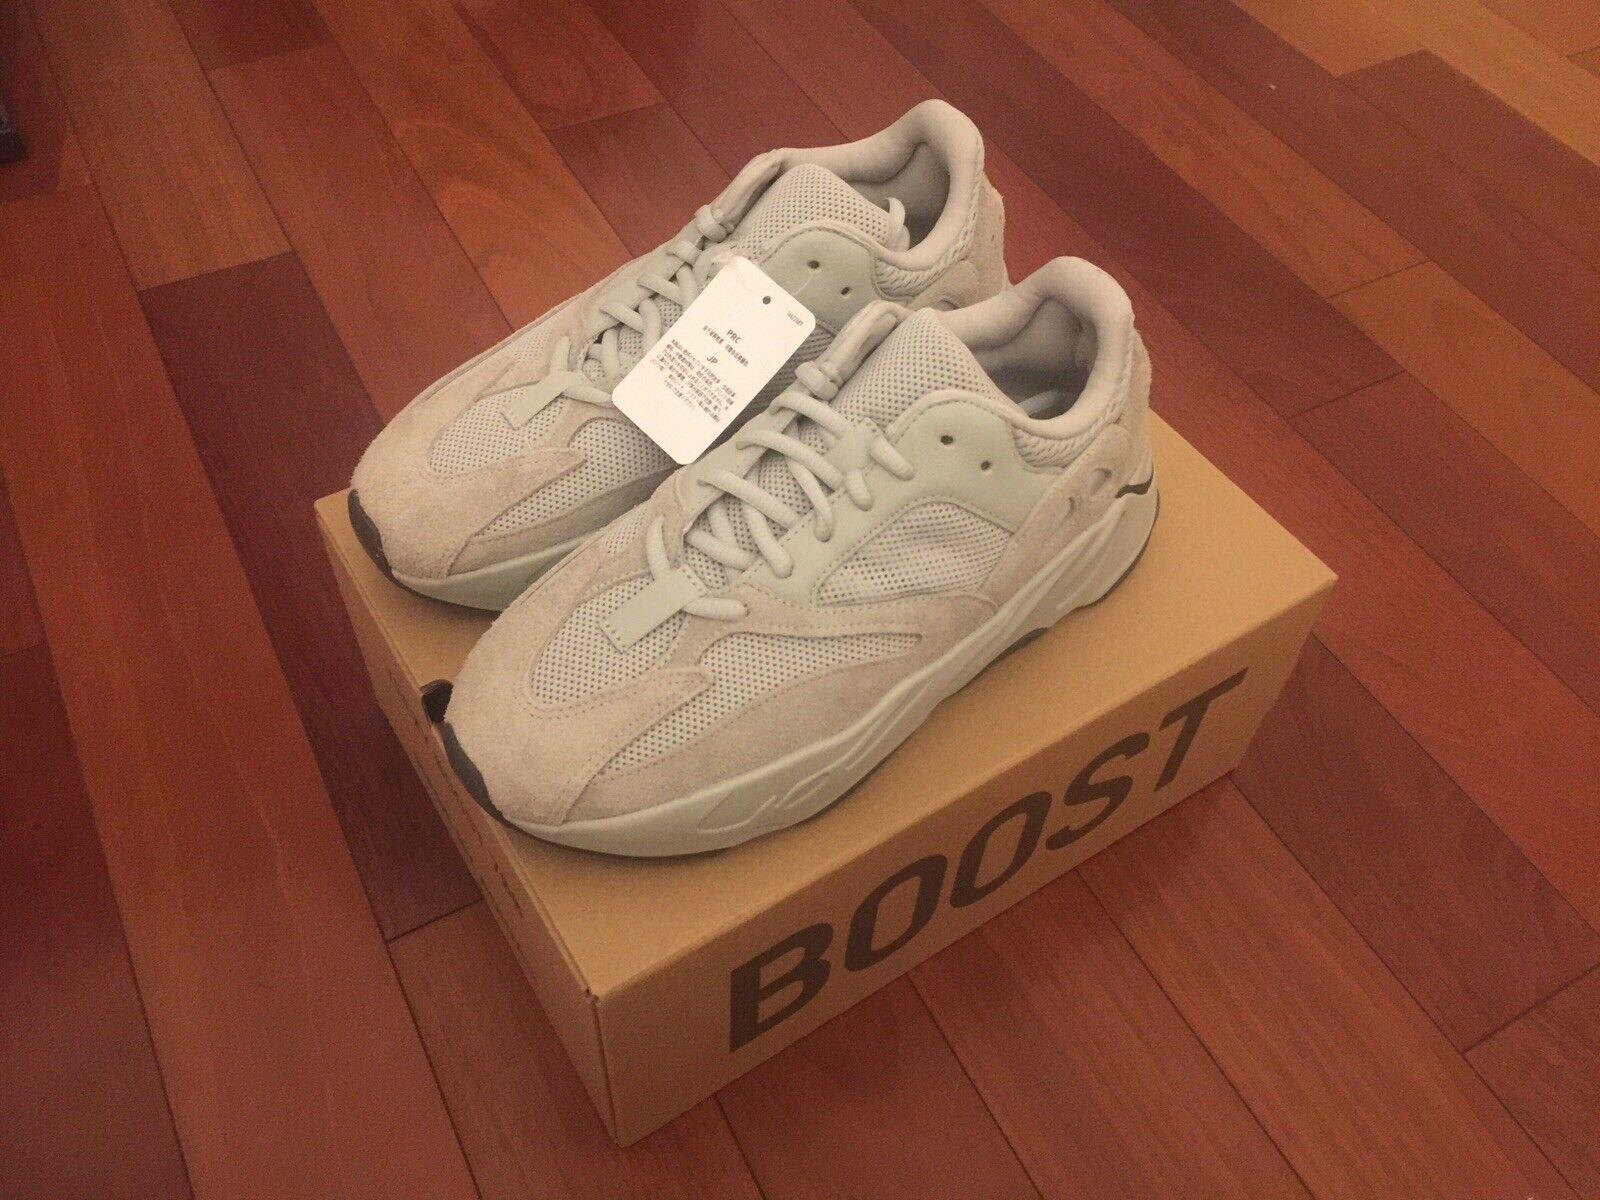 new style 12994 08bdb Adidas Adidas Adidas Yeezy 700 Salt Dimensione US 8 BRAND NEW IN BOX 0a09fb